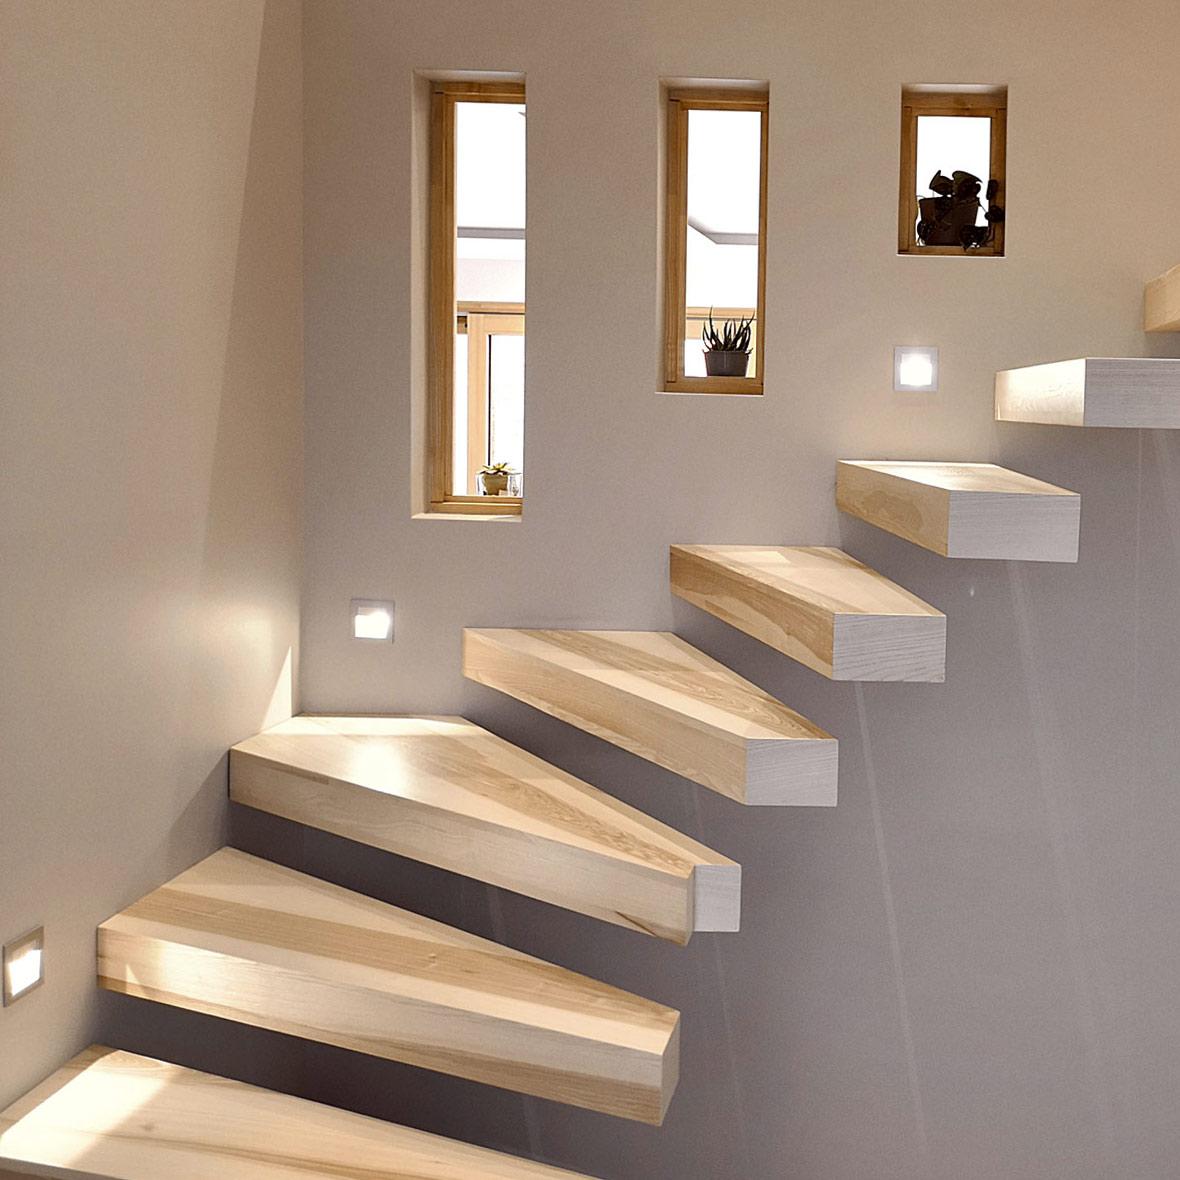 escalier-suspendu-c